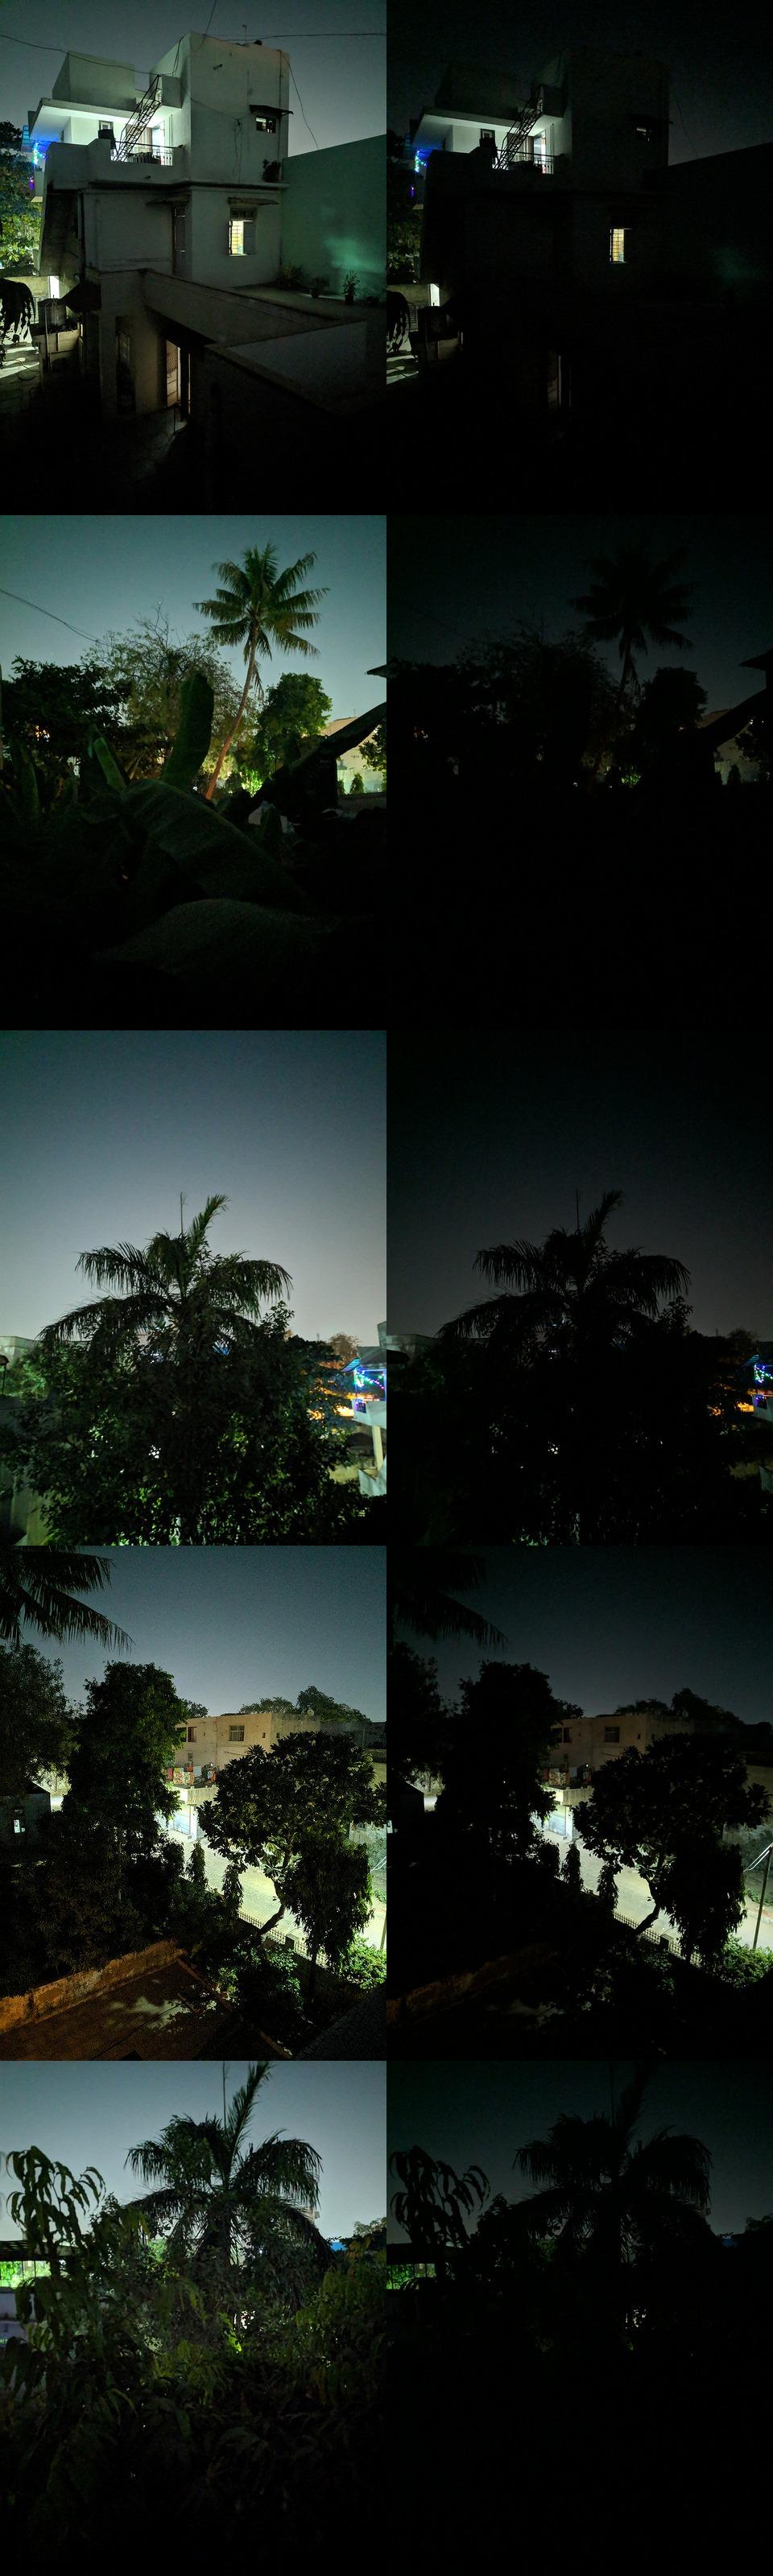 poco f1 night sight - Đem tính năng chụp ban đêm siêu đẹp của Google Camera lên Poco F1, Mi 8